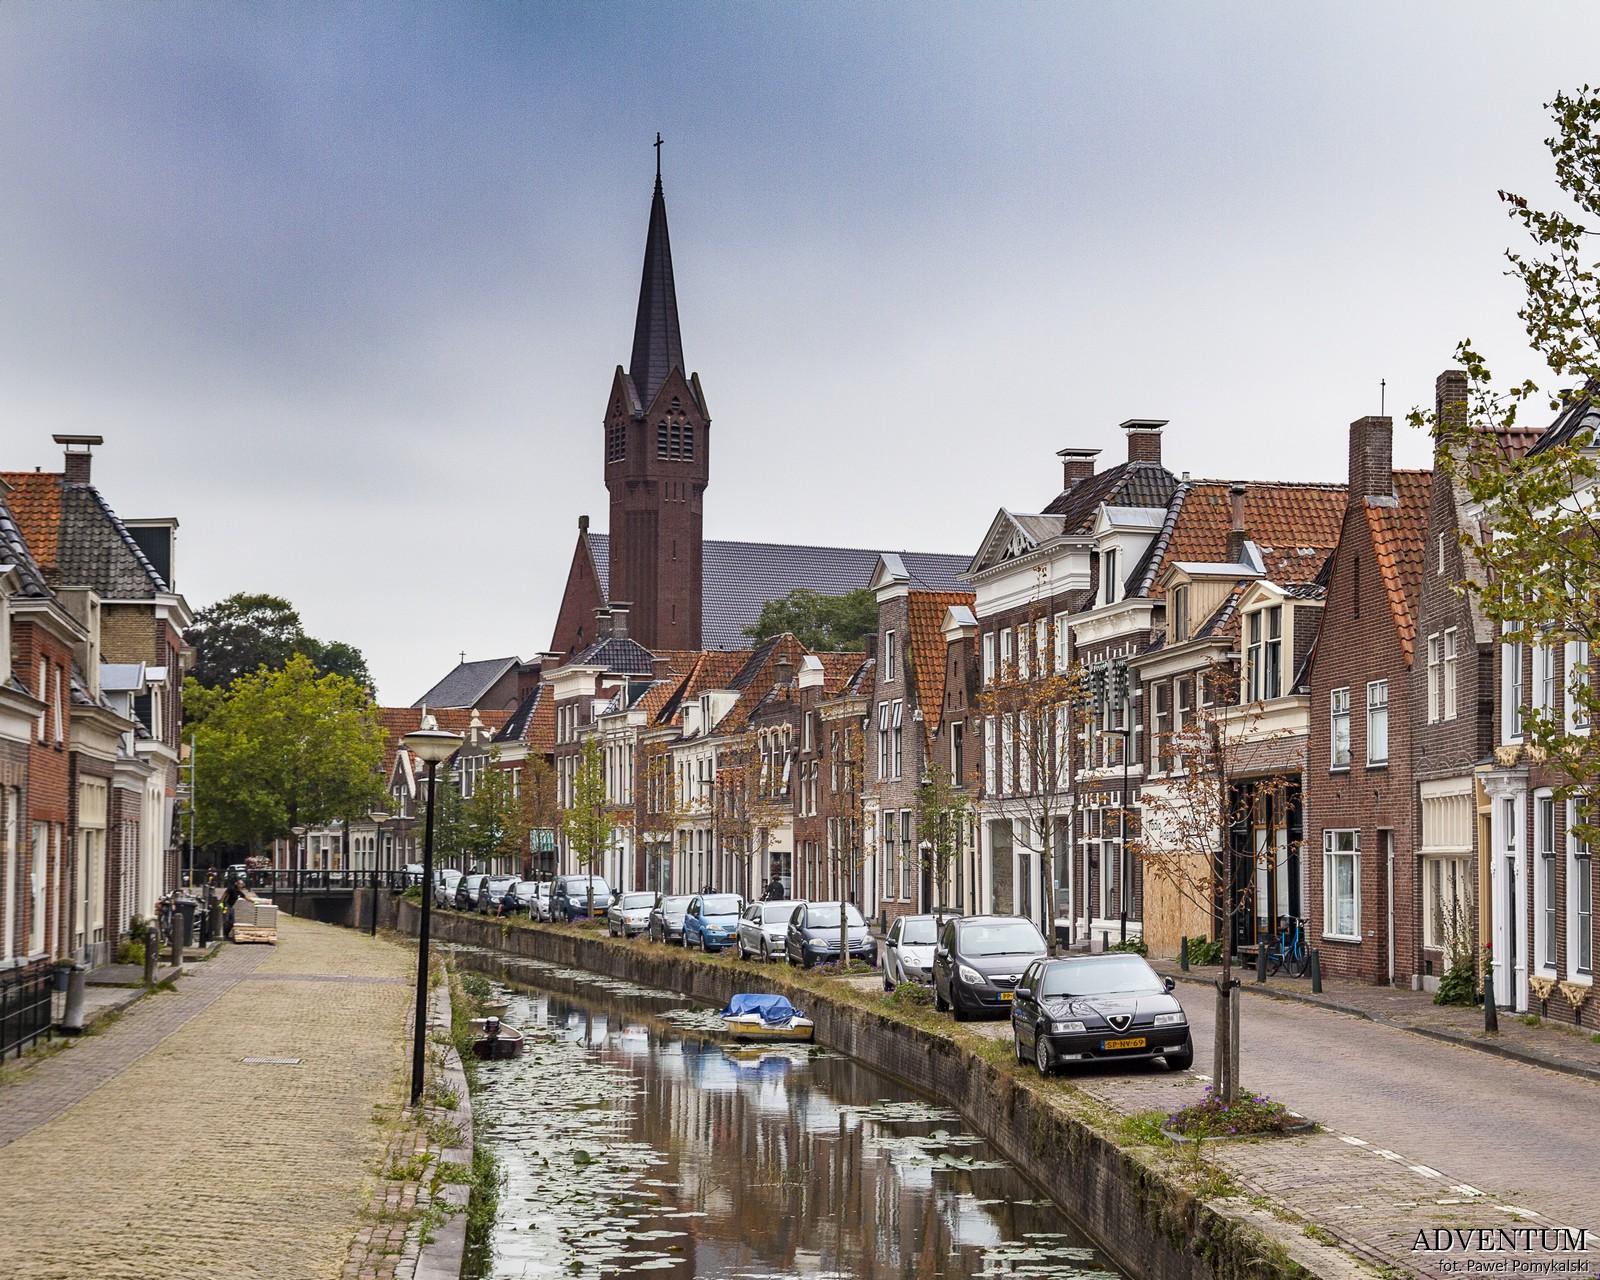 Holandia Bolsward Atrakcje Zwiedzanie co Zobaczyć Amsterdam Rotterdam Haga Kanały Wiatraki